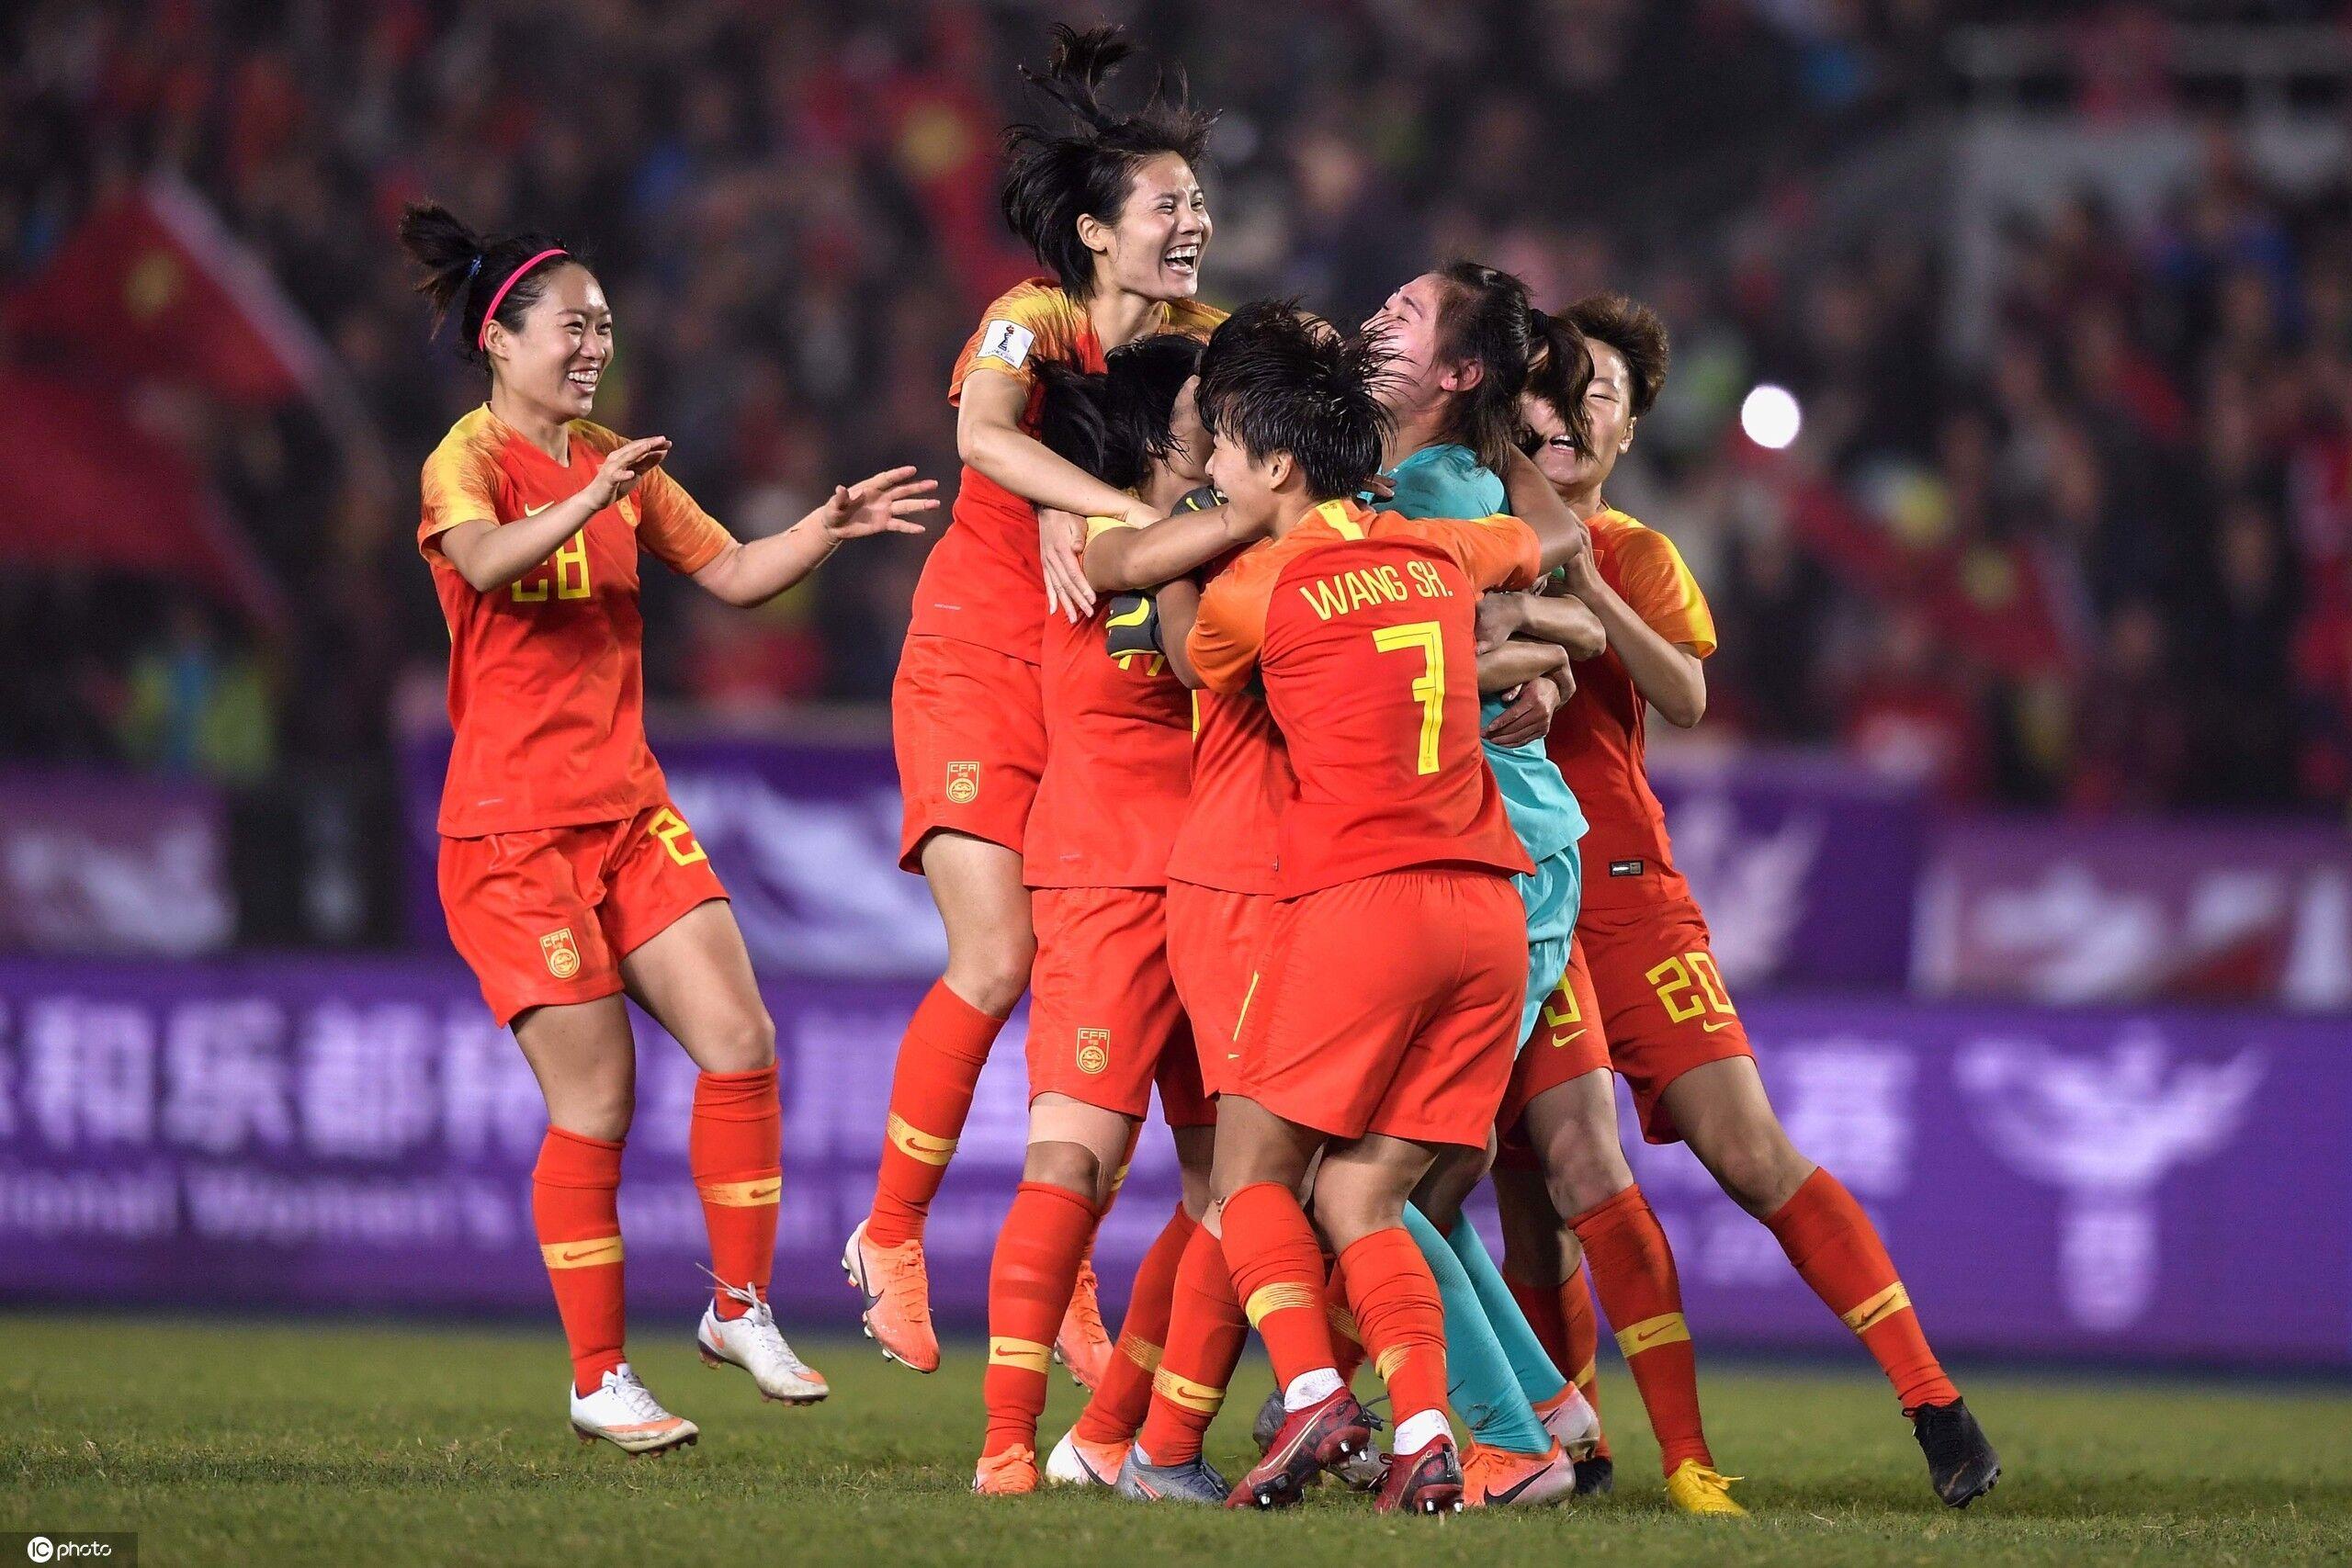 多女足国脚庆祝四国赛夺冠:尽力只能及格,拼命才干特出